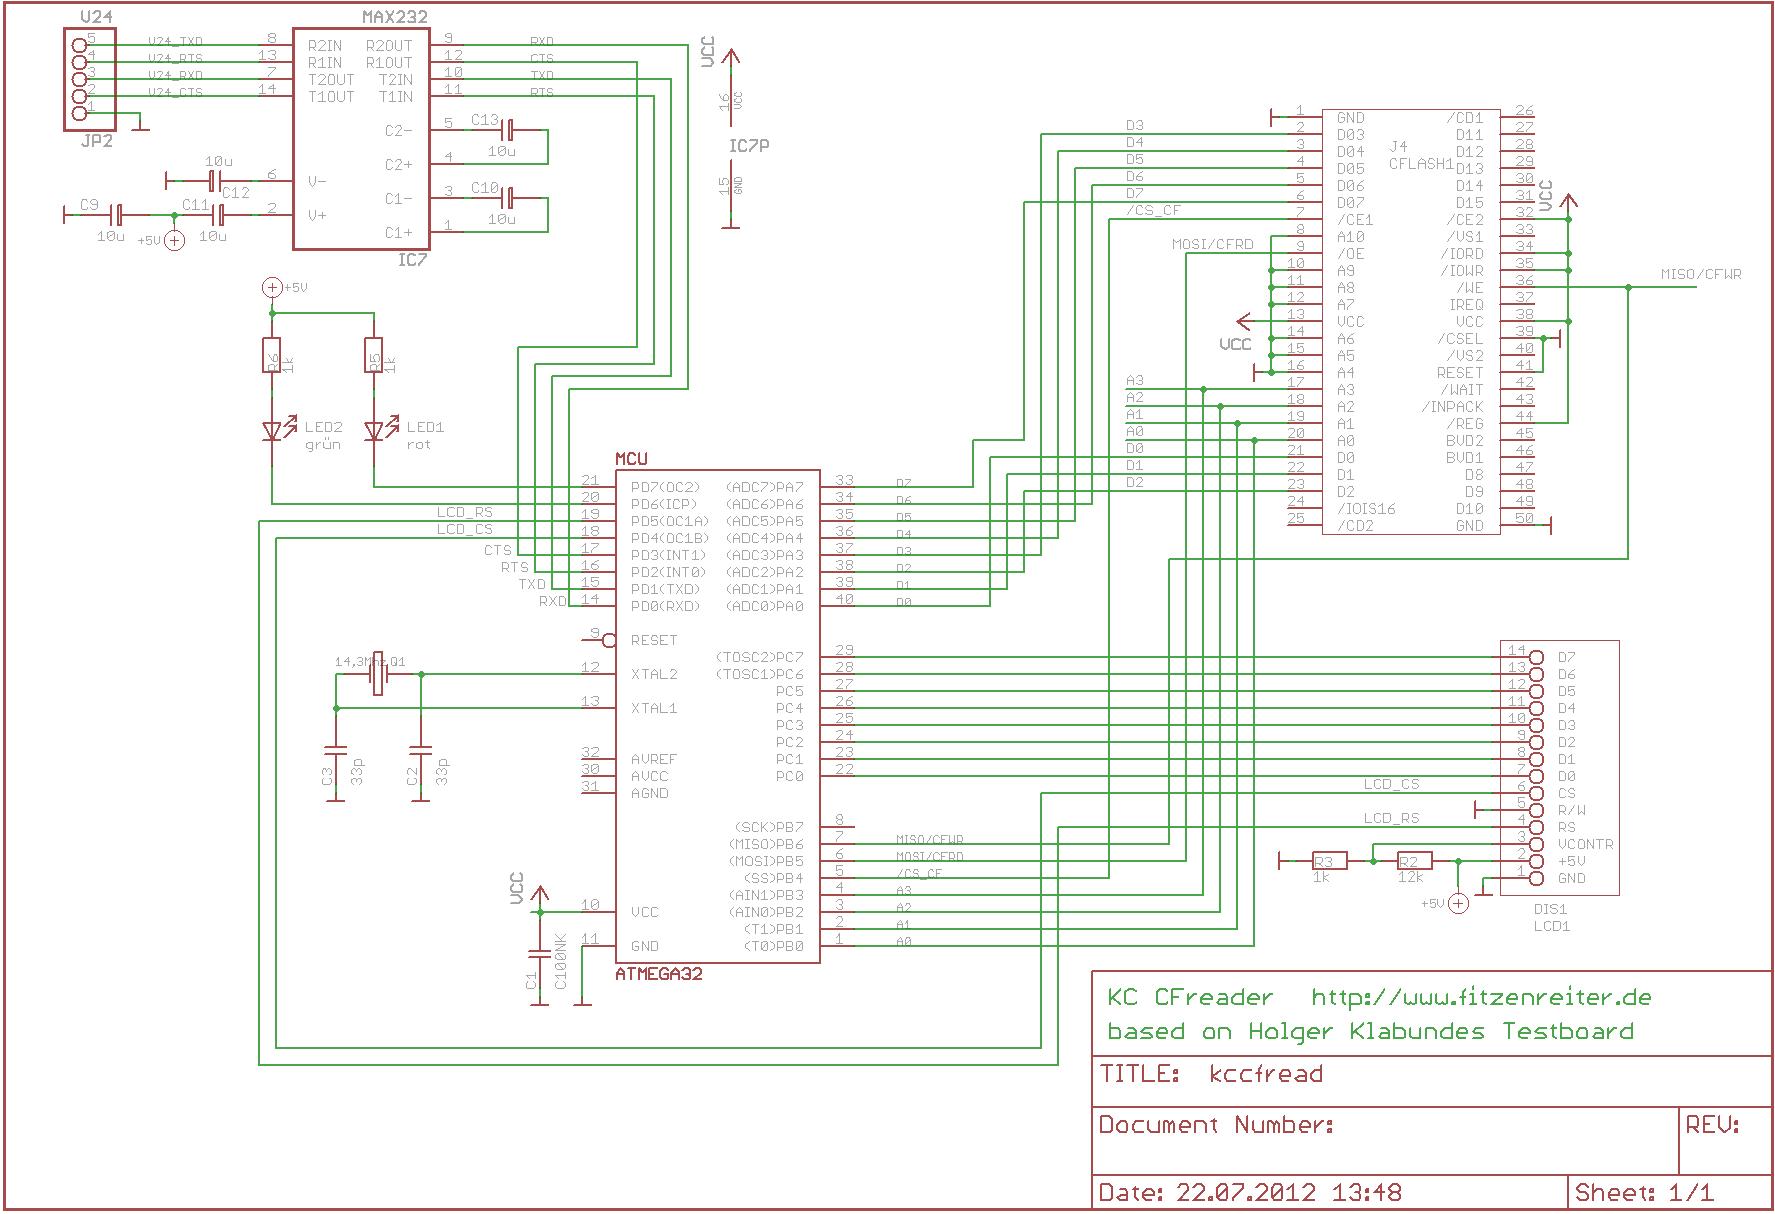 Alte Computer by SRN - KC85/5 - CF-Kartenleser